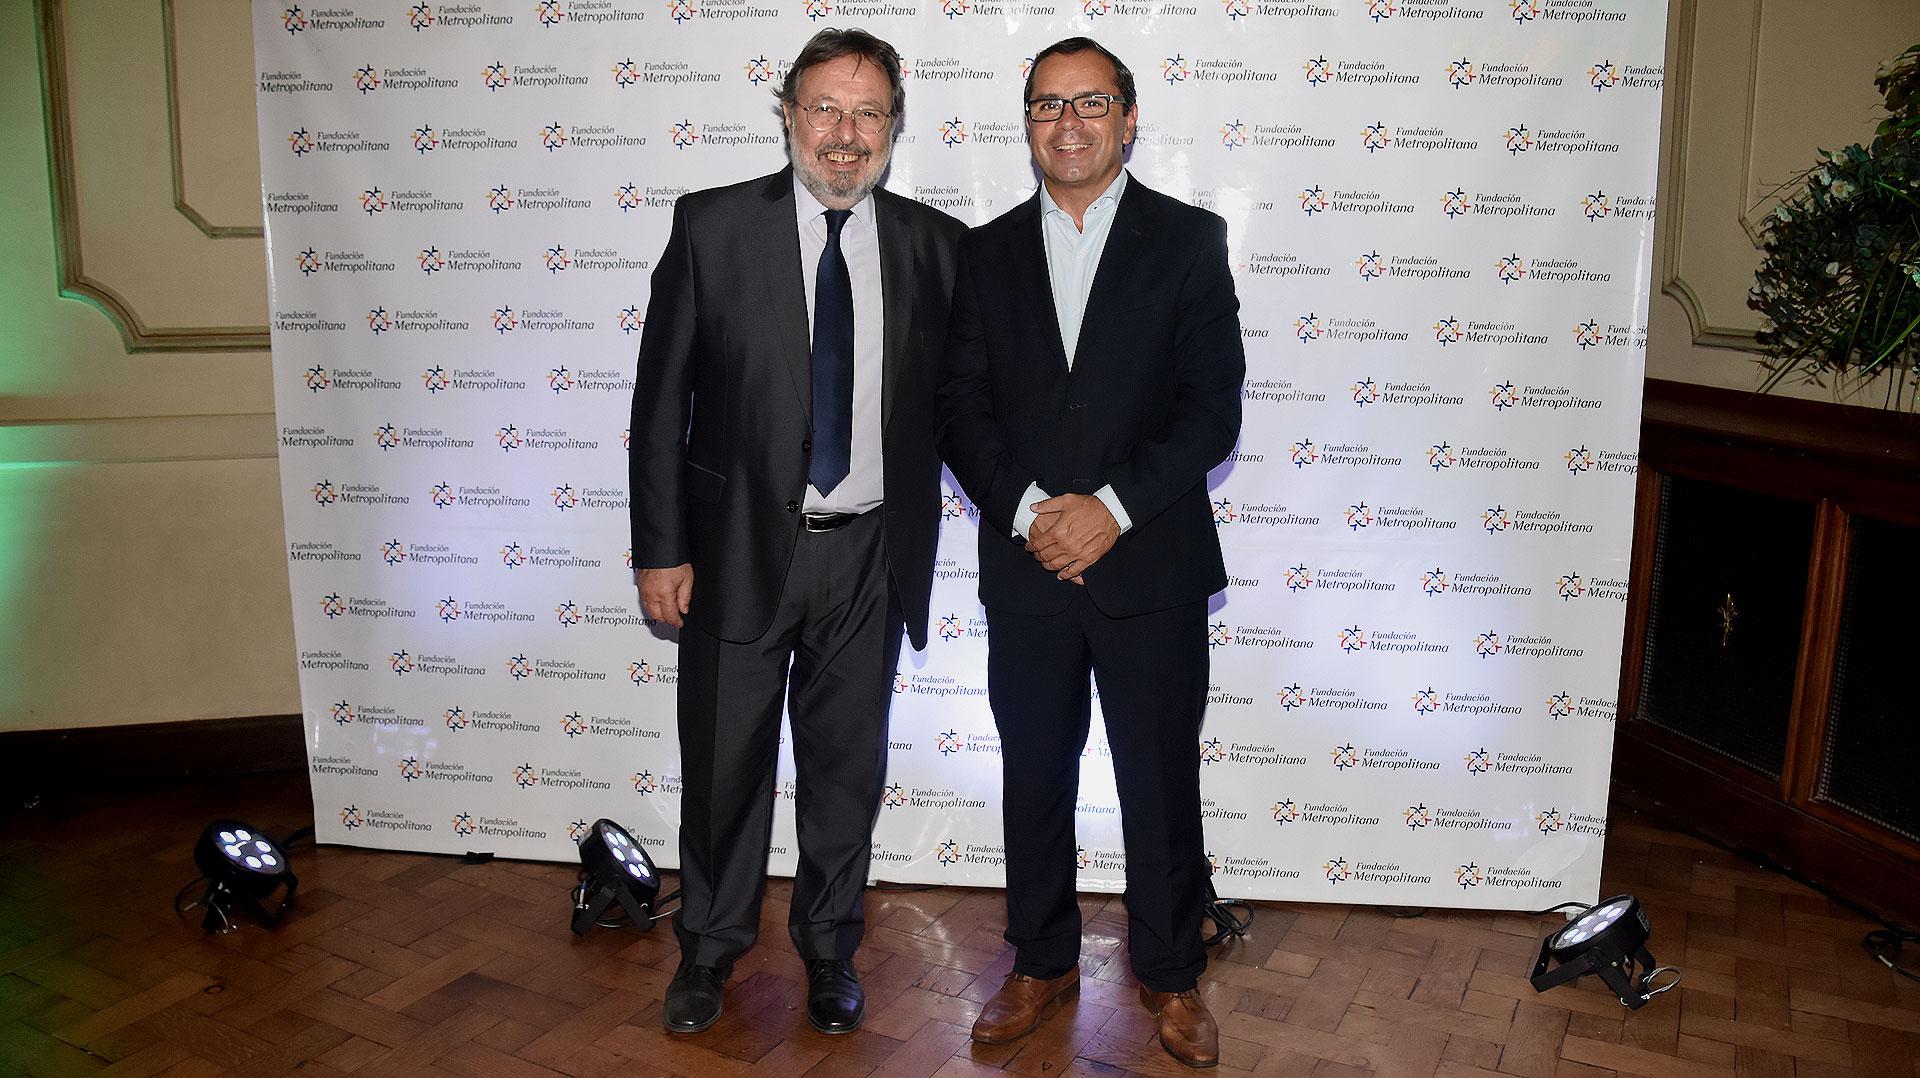 Pedro Del Piero, presidente de la Fundación Metropolitana, junto a Gastón Urquiza, director ejecutivo de esa Fundación